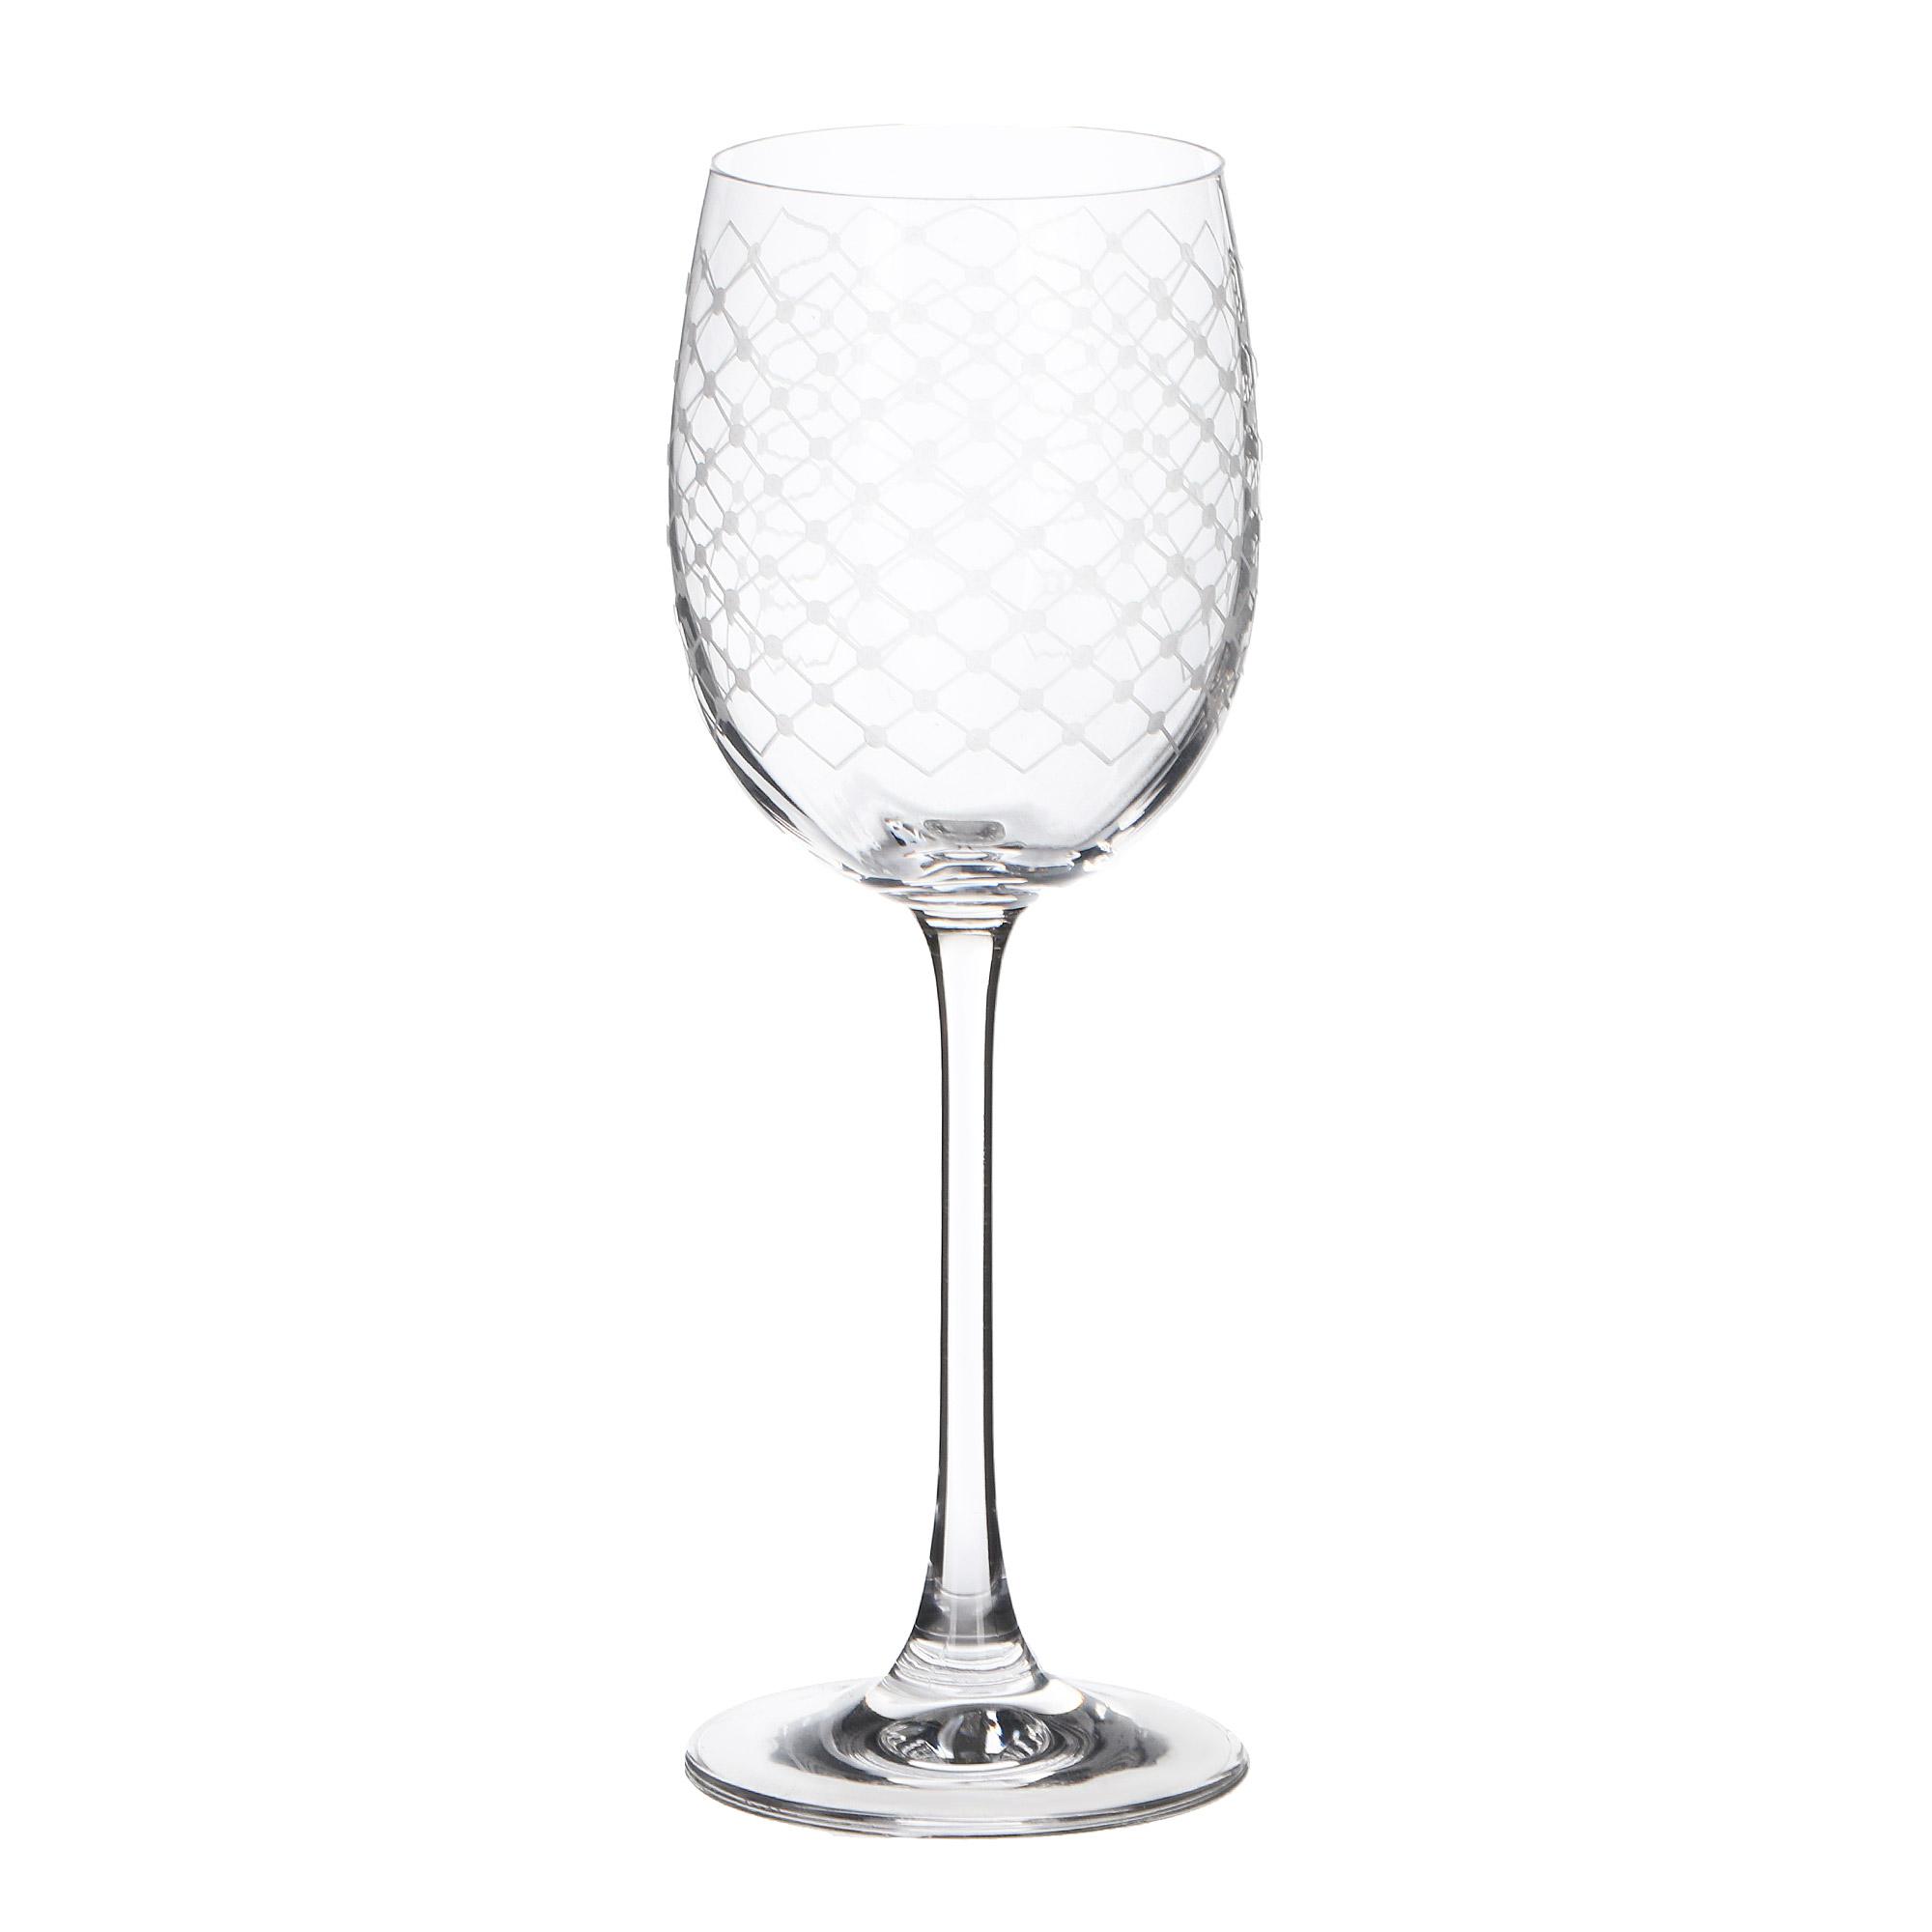 Набор бокалов Rona Esprit 260 мл 6 шт набор бокалов rona esprit 260 мл 6 шт